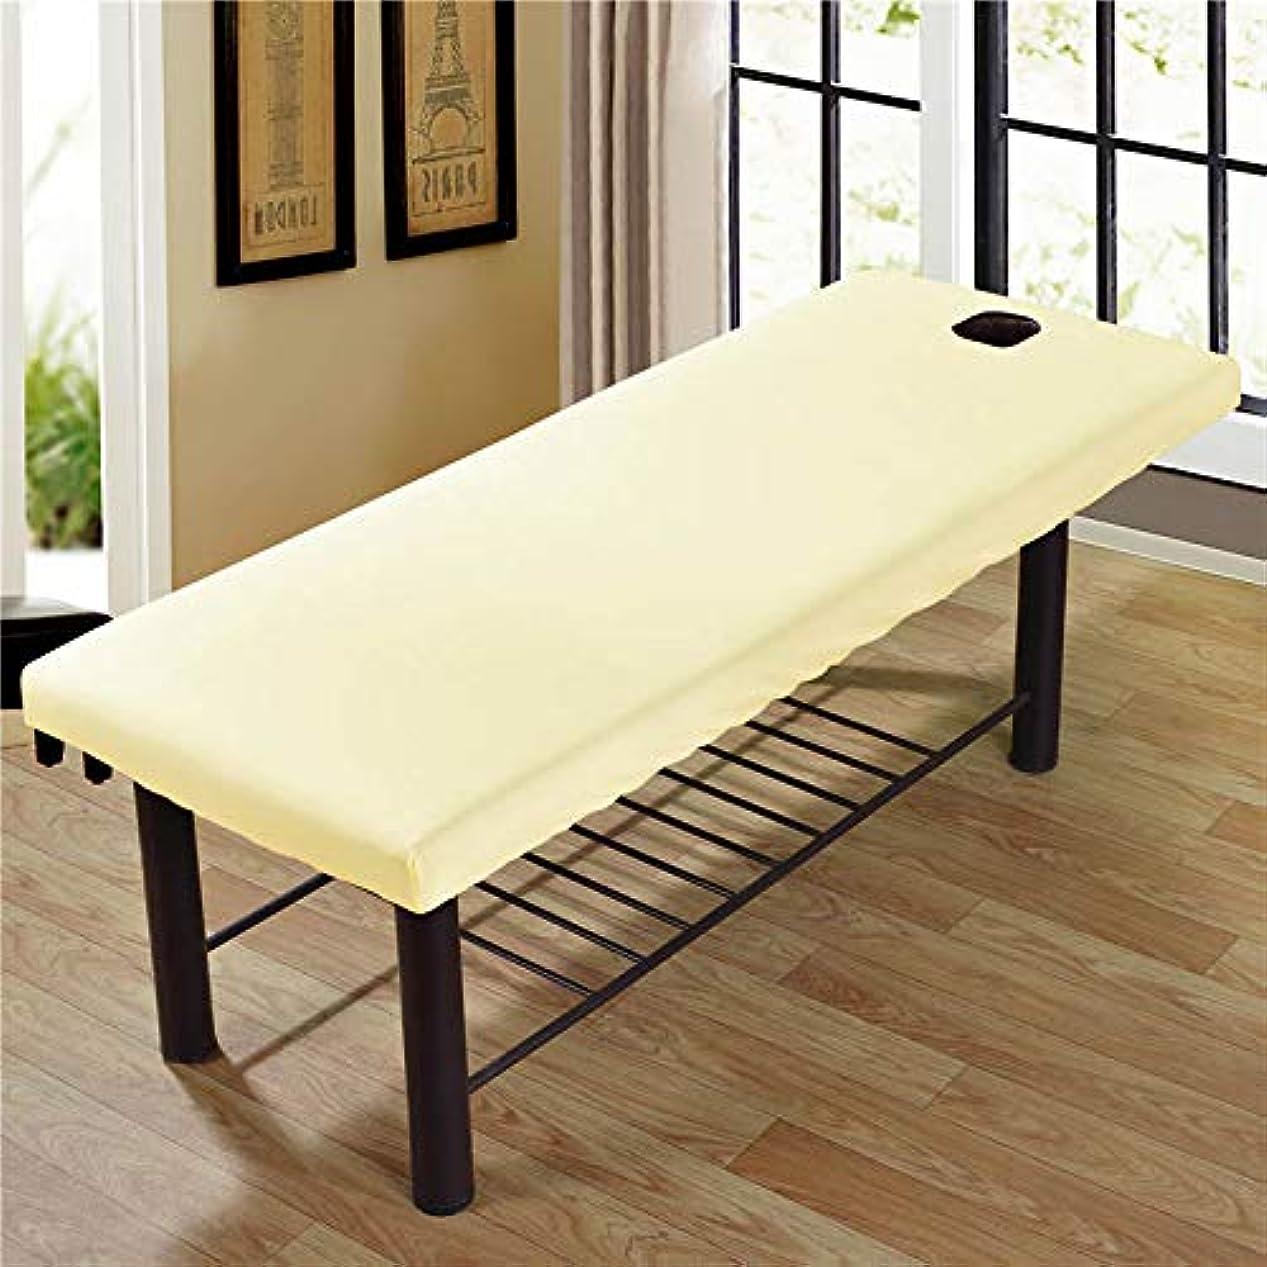 内陸探す先史時代のAylincool 美容院のマッサージ療法のベッドのための柔らかいSoliod色の長方形のマットレス